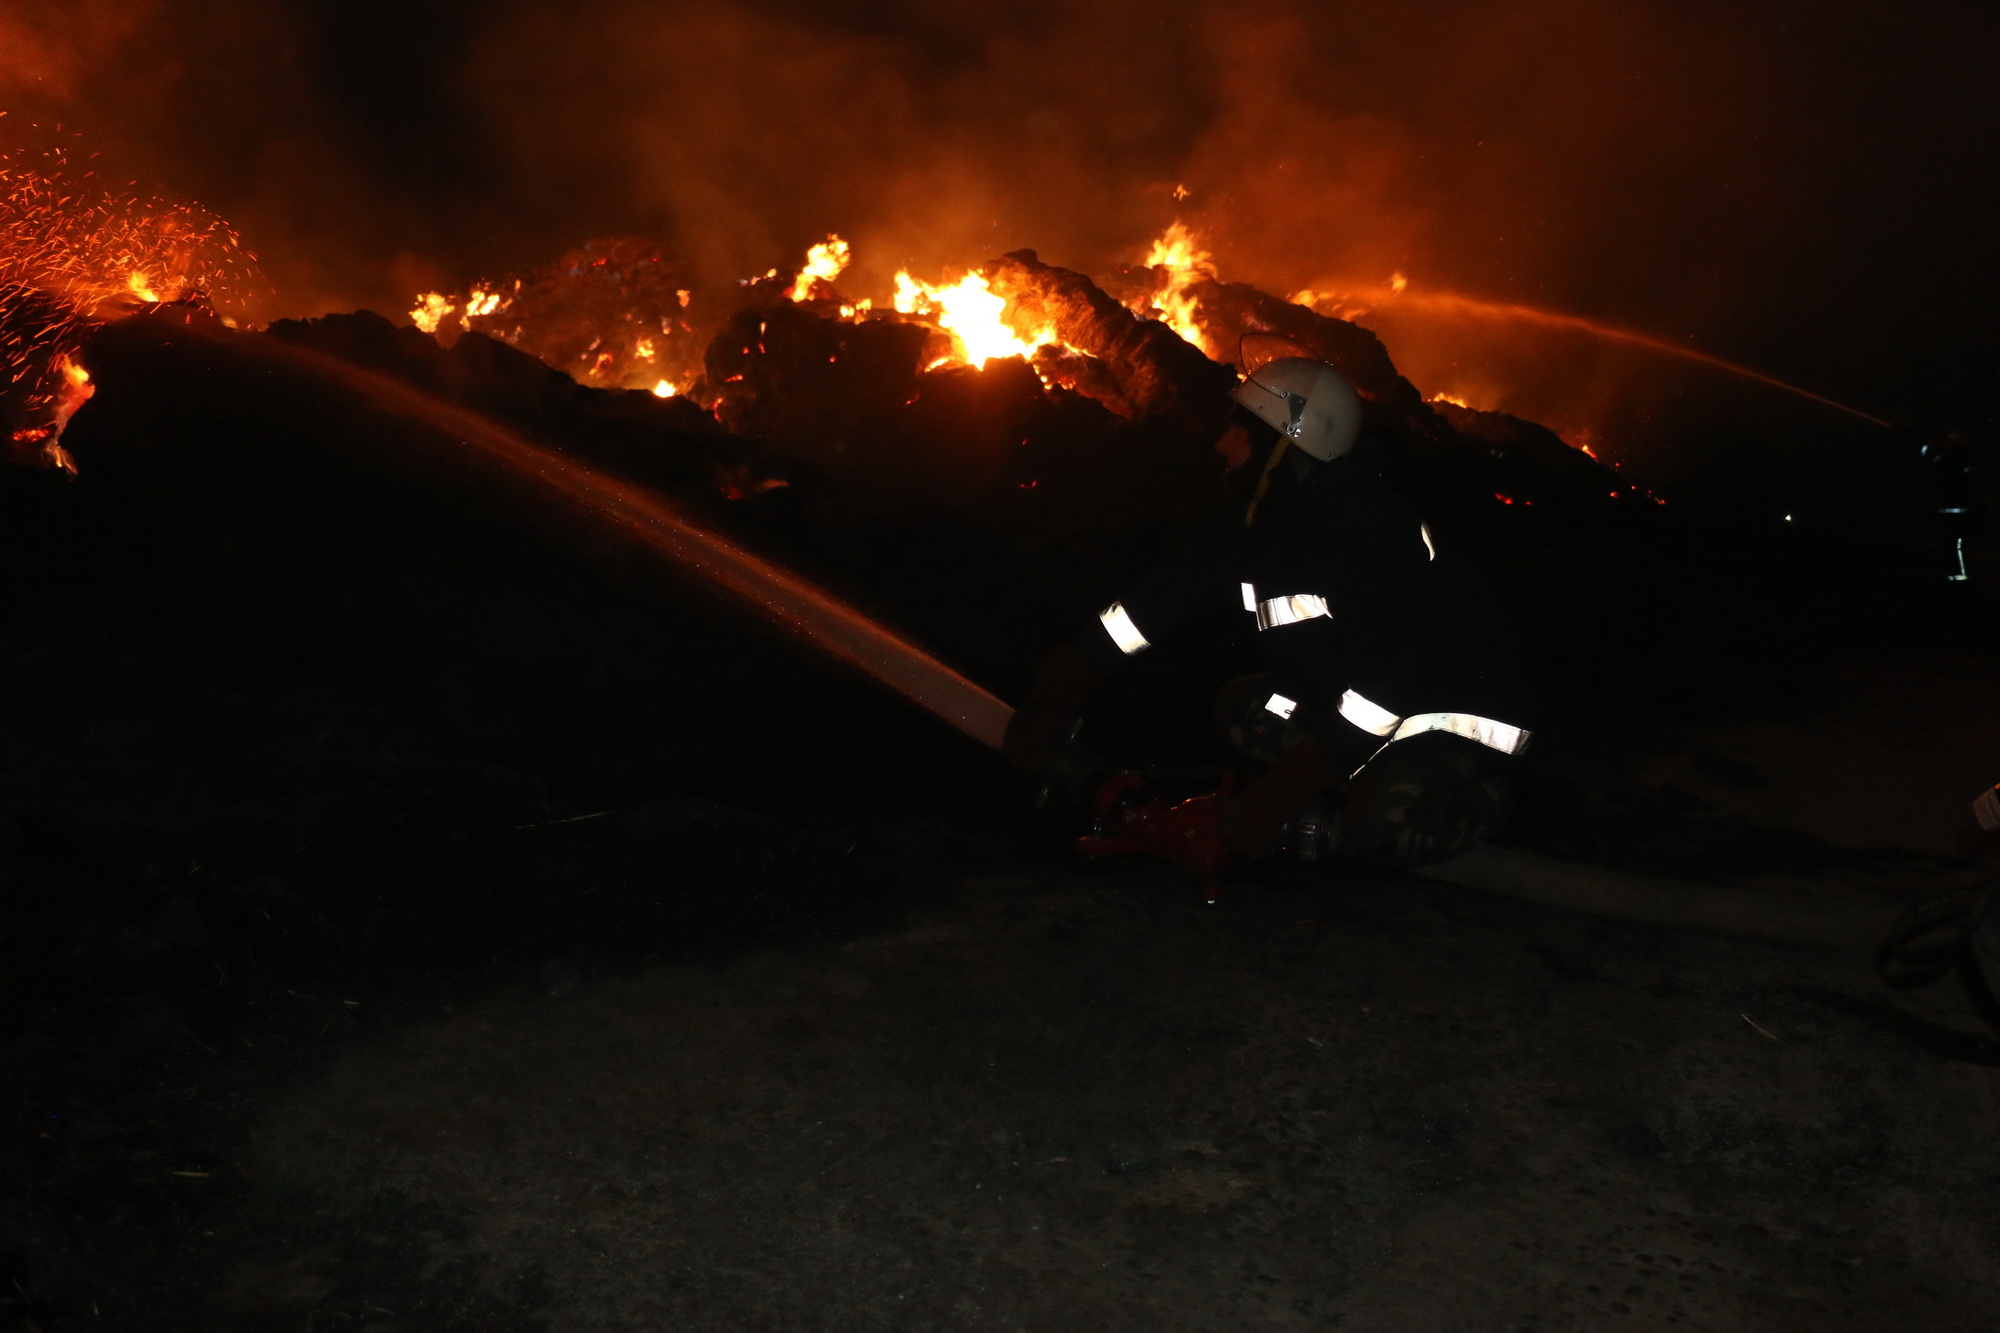 Самолеты, вертолет и поезд. Спасатели рассказали подробности тушения масштабного пожара (видео)